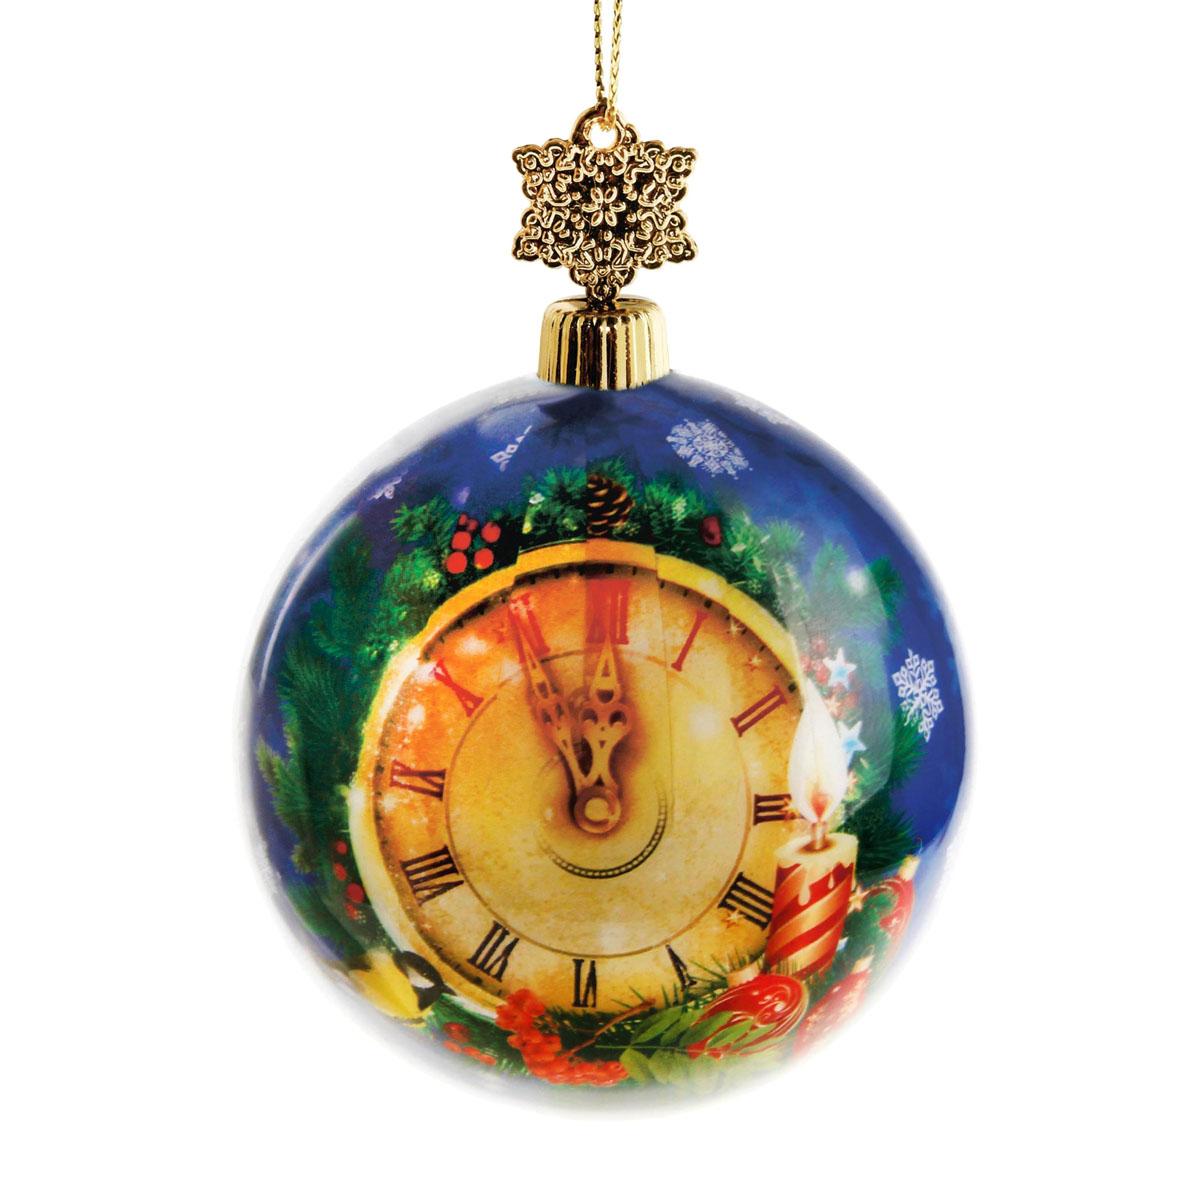 Новогоднее подвесное украшение Sima-land Шар, диаметр 8 см. 279333279333Новогоднее подвесное украшение Sima-land выполнено из высококачественного пенопласта в форме шара и покрыто цветной пленкой. Шар декорирован изображением курантов. С помощью специальной петельки украшение можно повесить в любом понравившемся вам месте. Но, конечно, удачнее всего такой набор будет смотреться на праздничной елке. Елочная игрушка - символ Нового года. Она несет в себе волшебство и красоту праздника. Создайте в своем доме атмосферу веселья и радости, украшая новогоднюю елку нарядными игрушками, которые будут из года в год накапливать теплоту воспоминаний. Материал: пенопласт, пленка, текстиль, пластик.